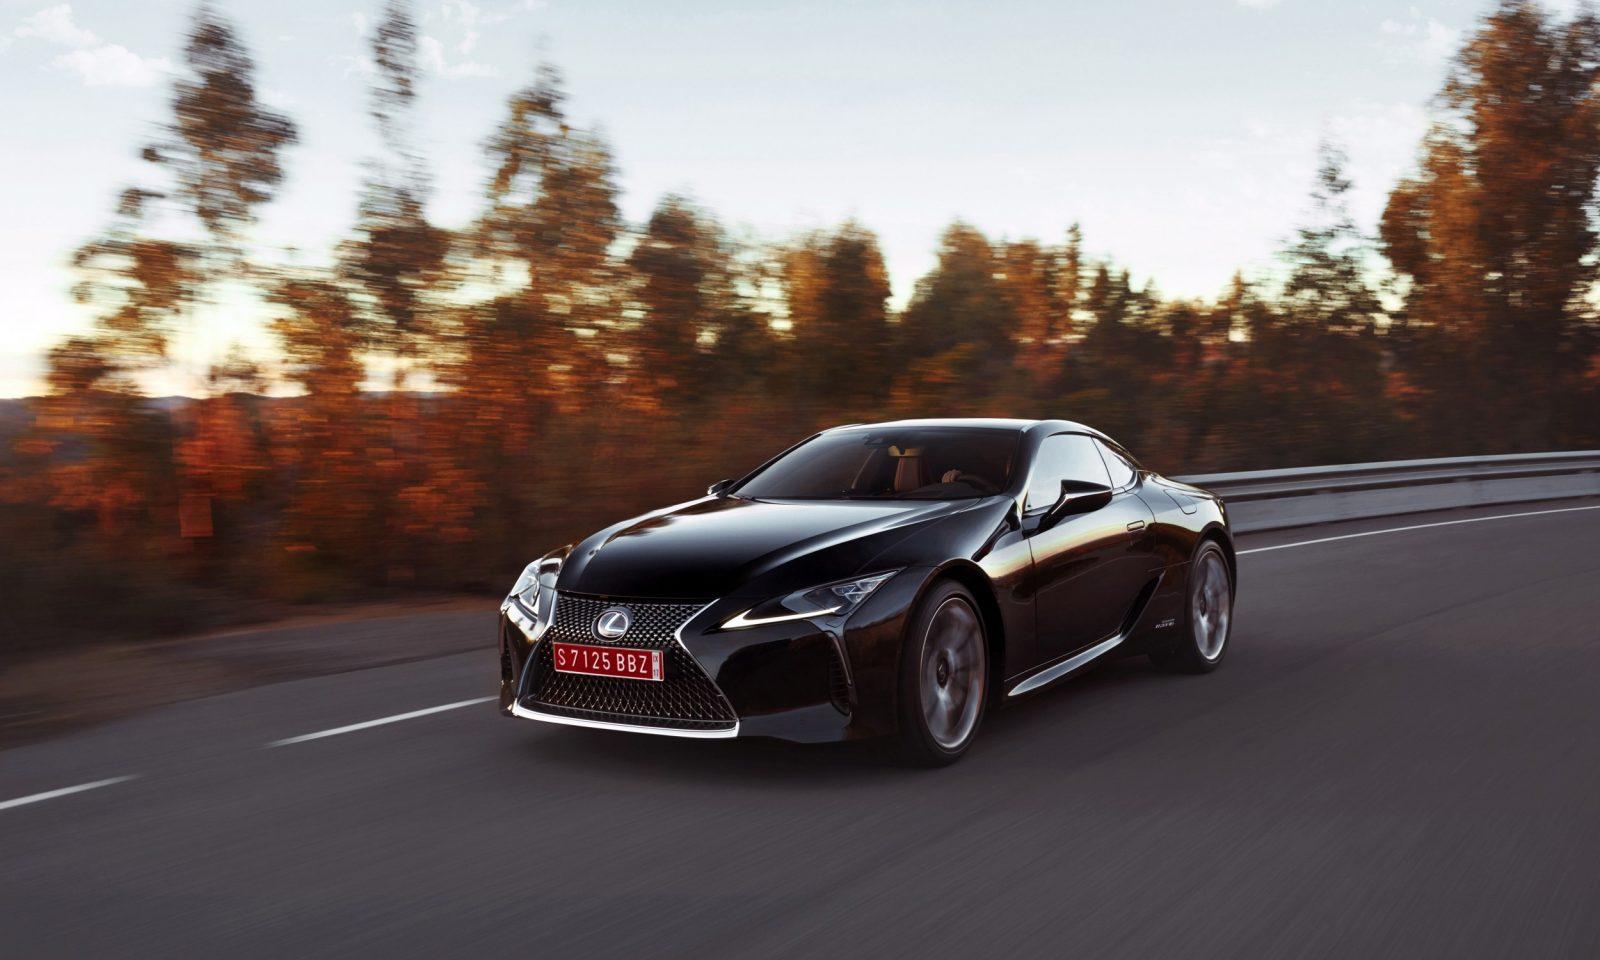 http://www.car-revs-daily.com/wp-content/uploads/2017/01/2018_Lexus_LC_500h_009_55A5A2BD8A17420CAE4D2161E72D662394538BEC-1600x960.jpg